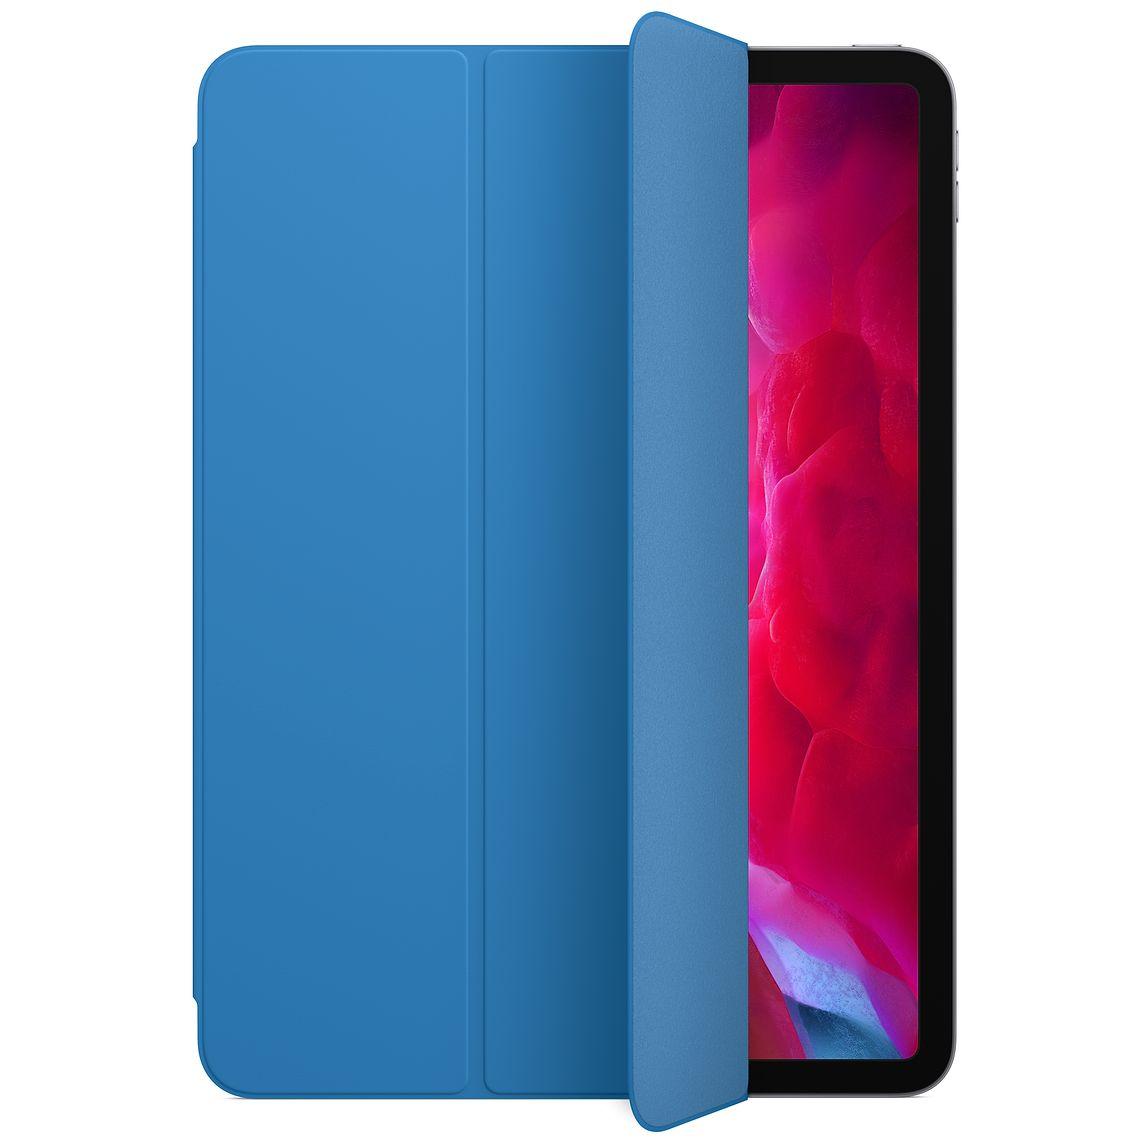 升級至 iPadOS 14.5 beta 2 之後,所有 2020 年推出的 iPad 都會在蓋上智慧型摺套時自動將內置收音咪靜音。